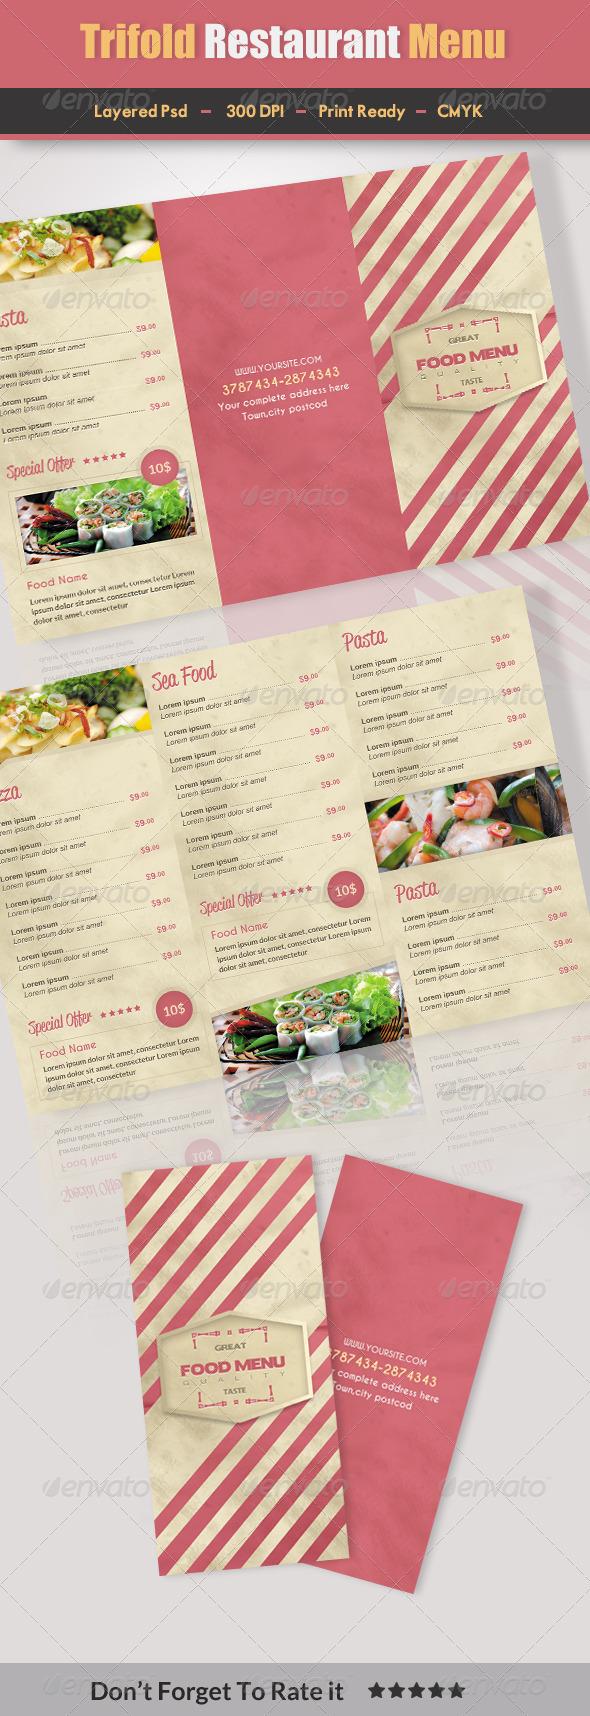 trifold2-menu